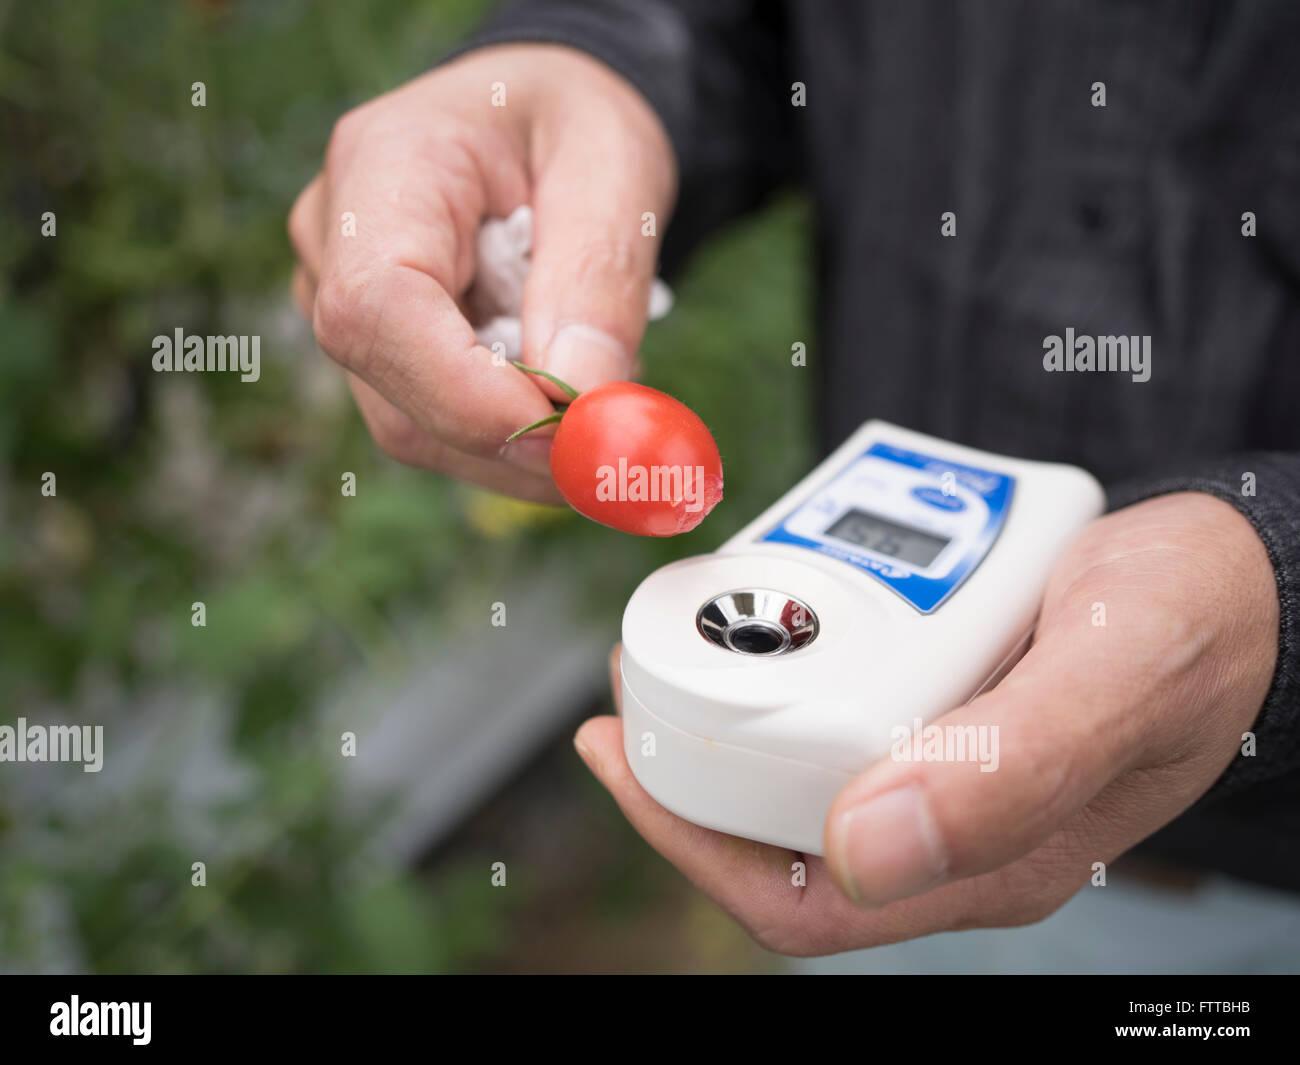 Atago digitale, Brix, tasca rifrattometro portatile per misurare la dolcezza di pomodori Immagini Stock